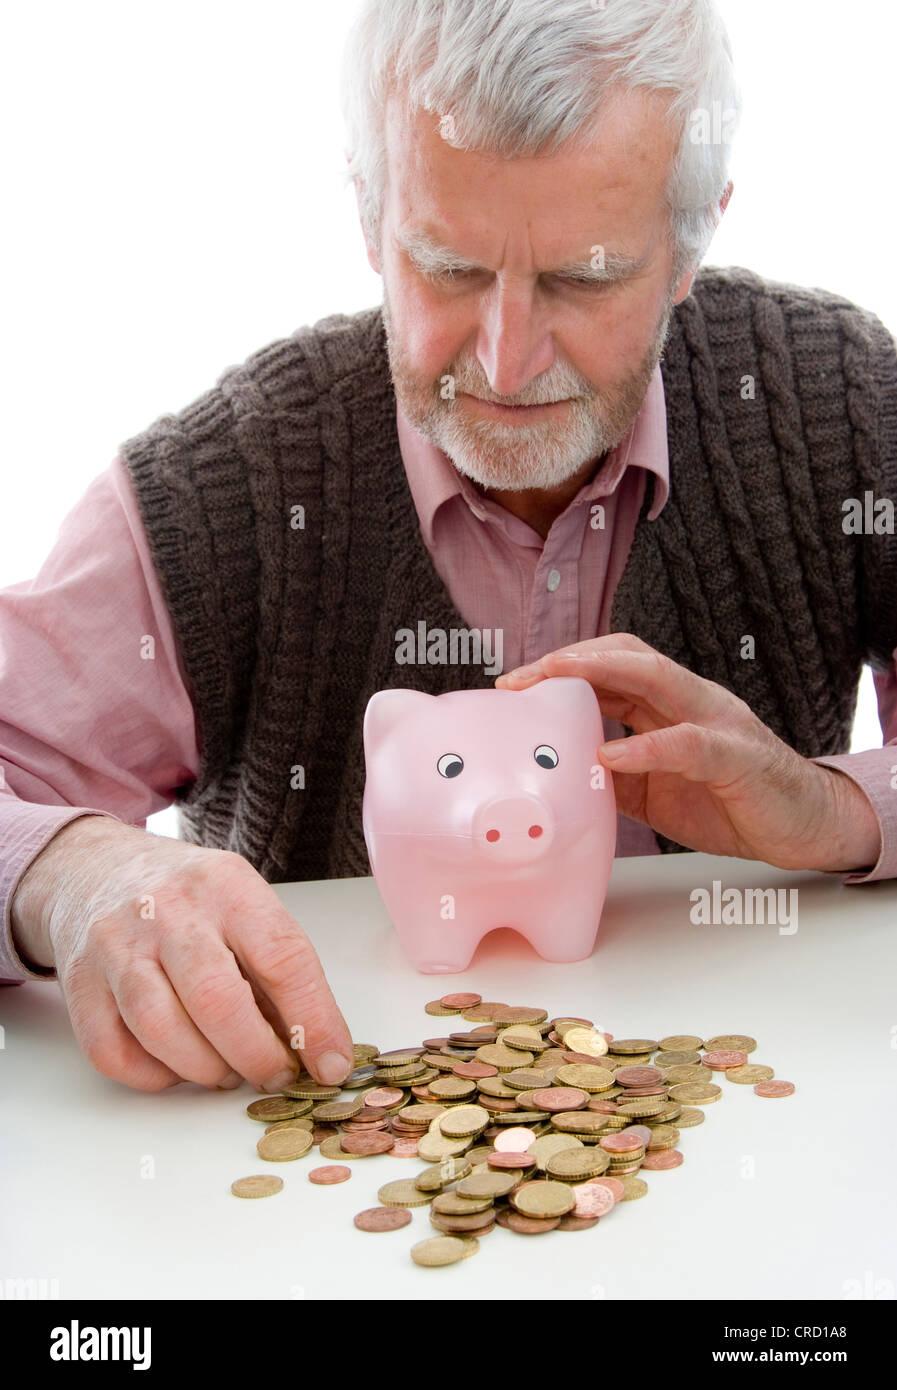 Simbolico per pensionato con pensione minima Immagini Stock